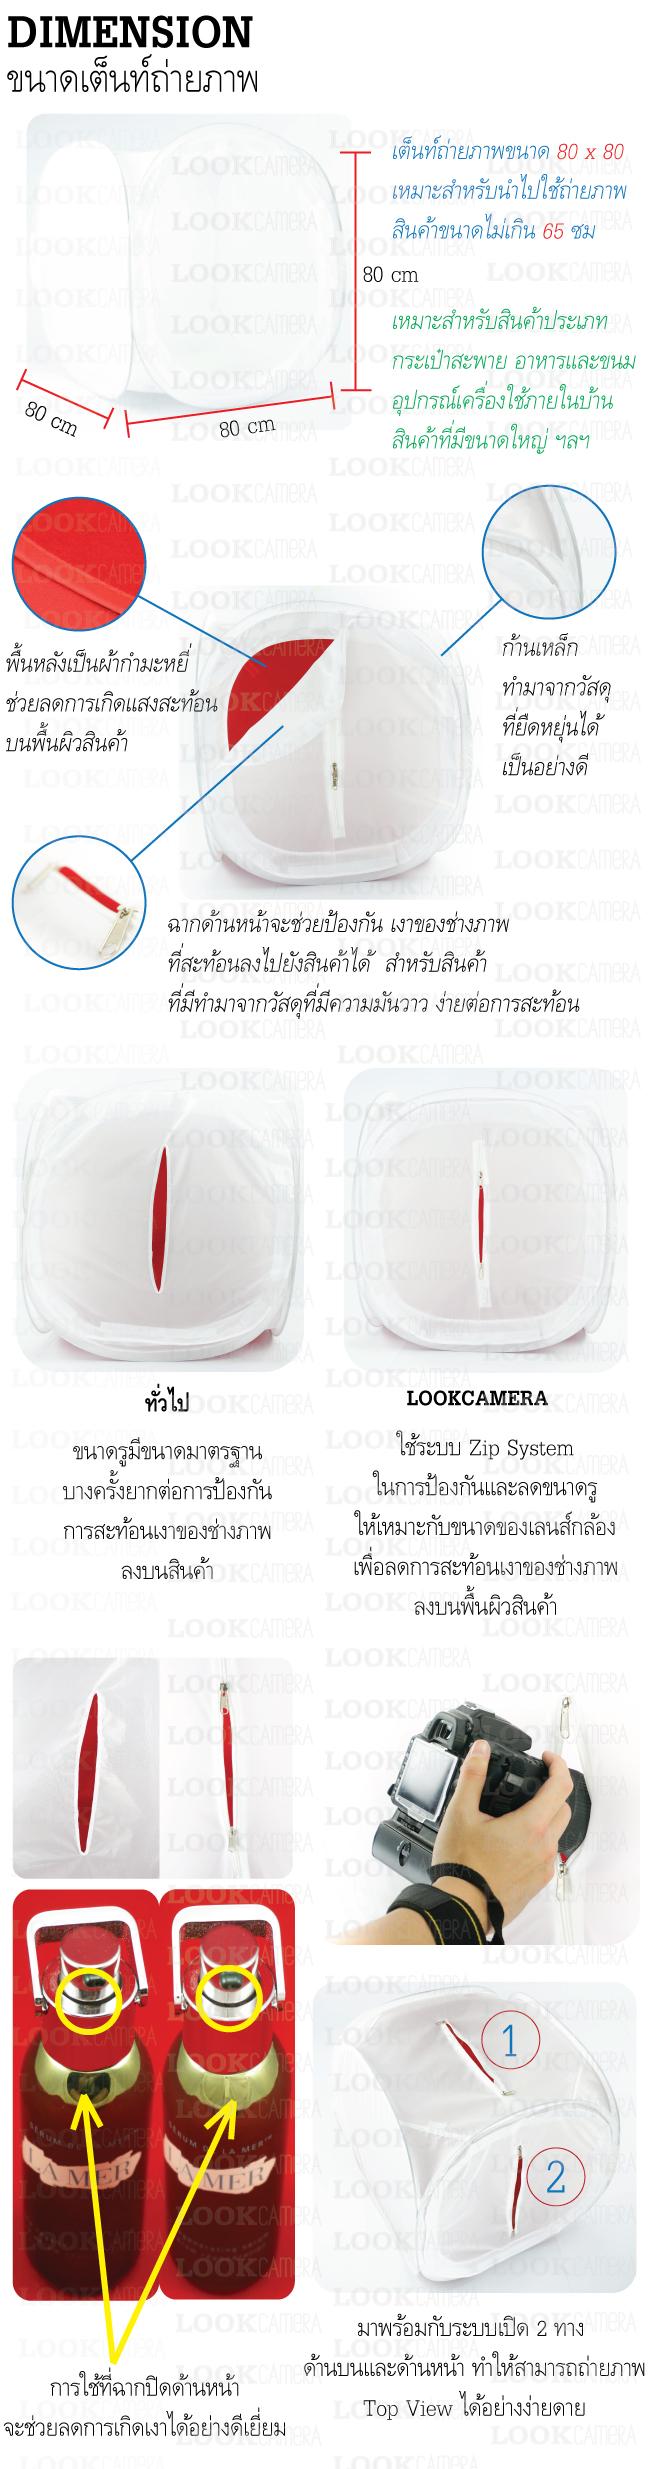 lookcamera studio tent 8080 p2